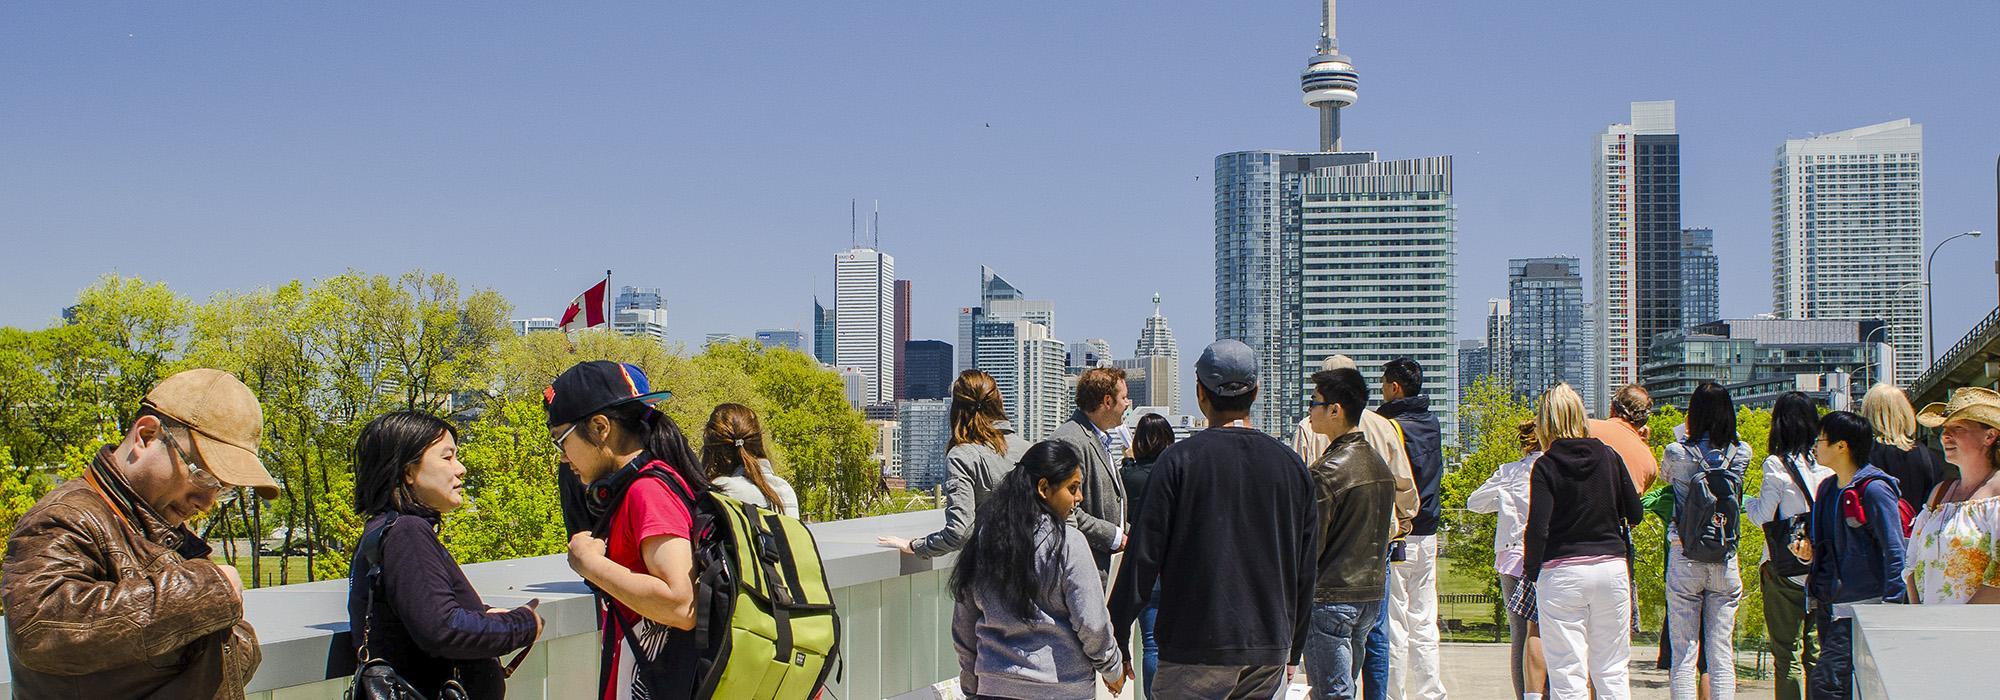 WOTW_Toronto_hero.jpg